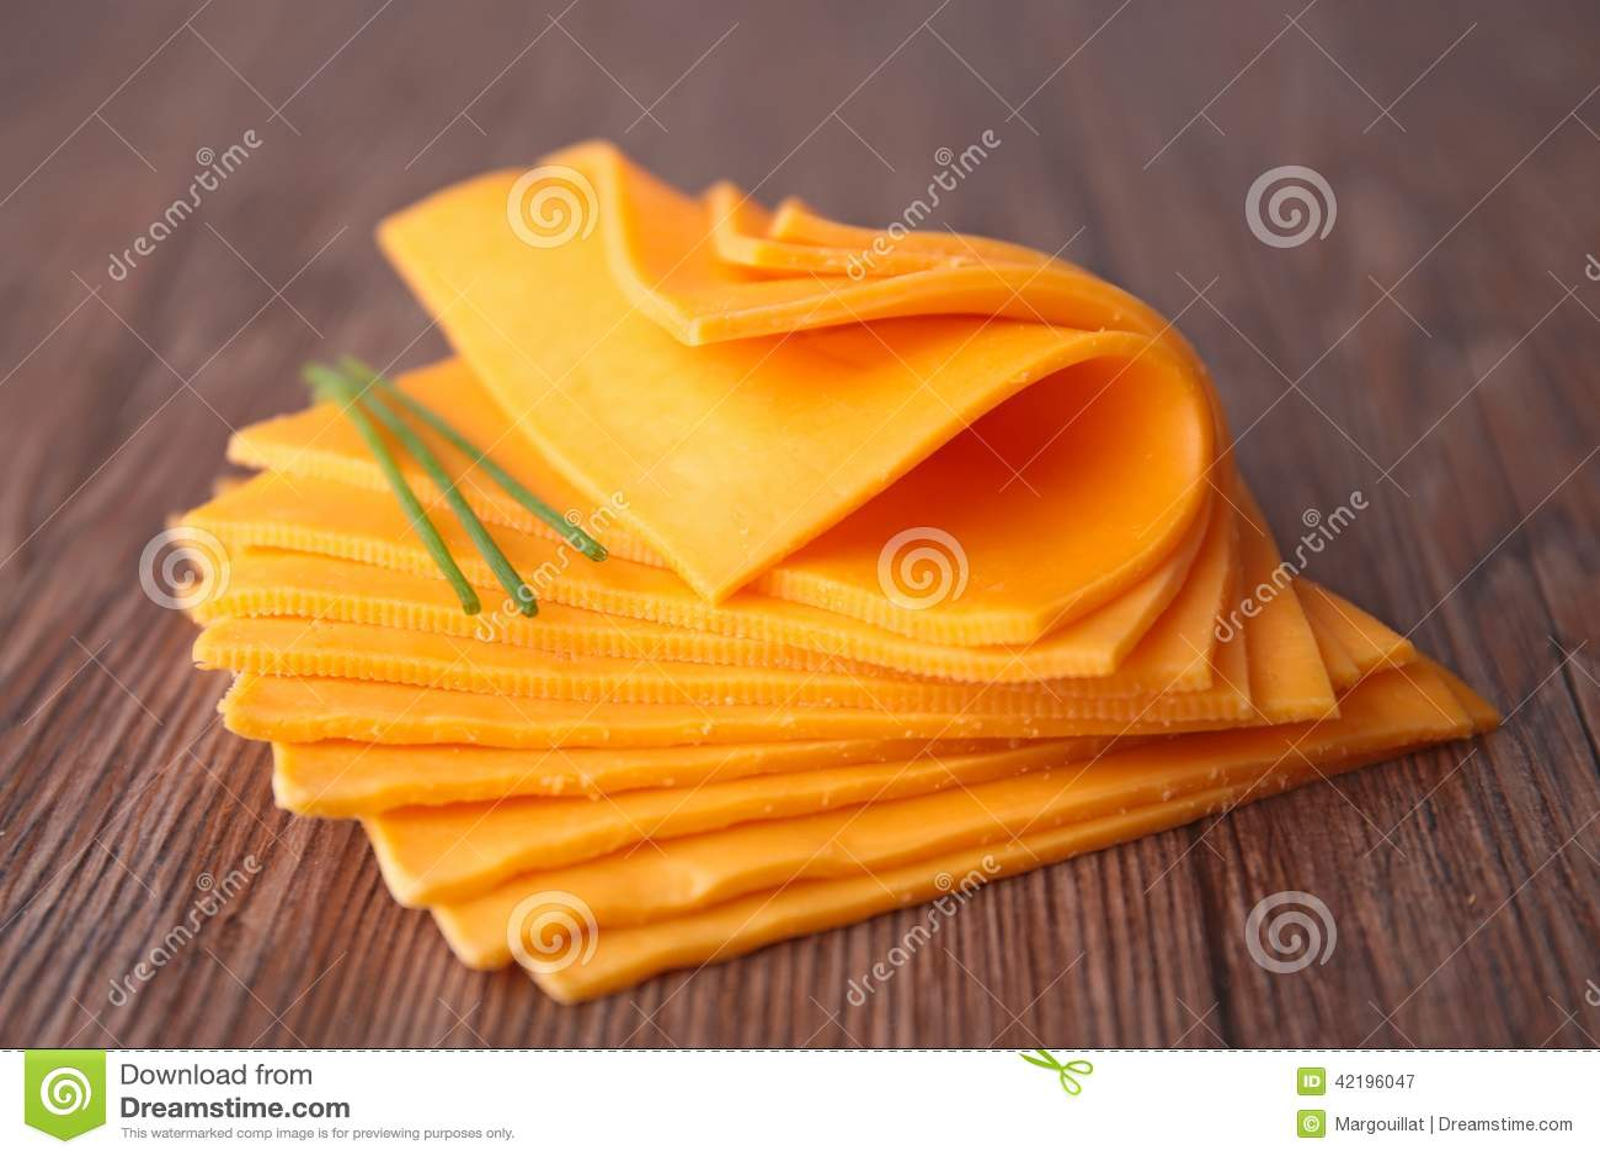 Skivad ost